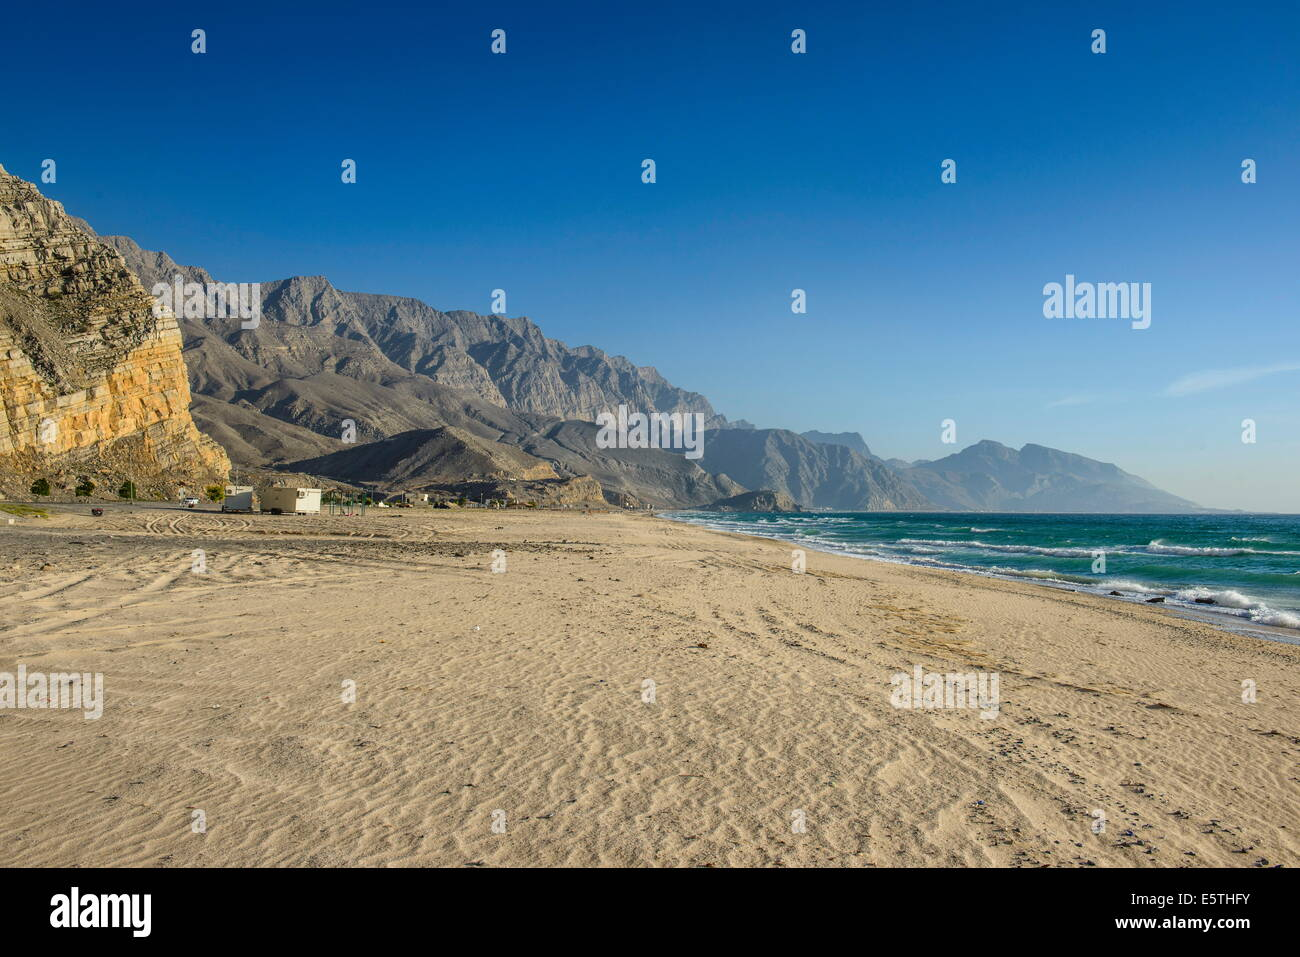 Hermosa playa en Al Jirri, Musandam, Omán, Oriente Medio Imagen De Stock